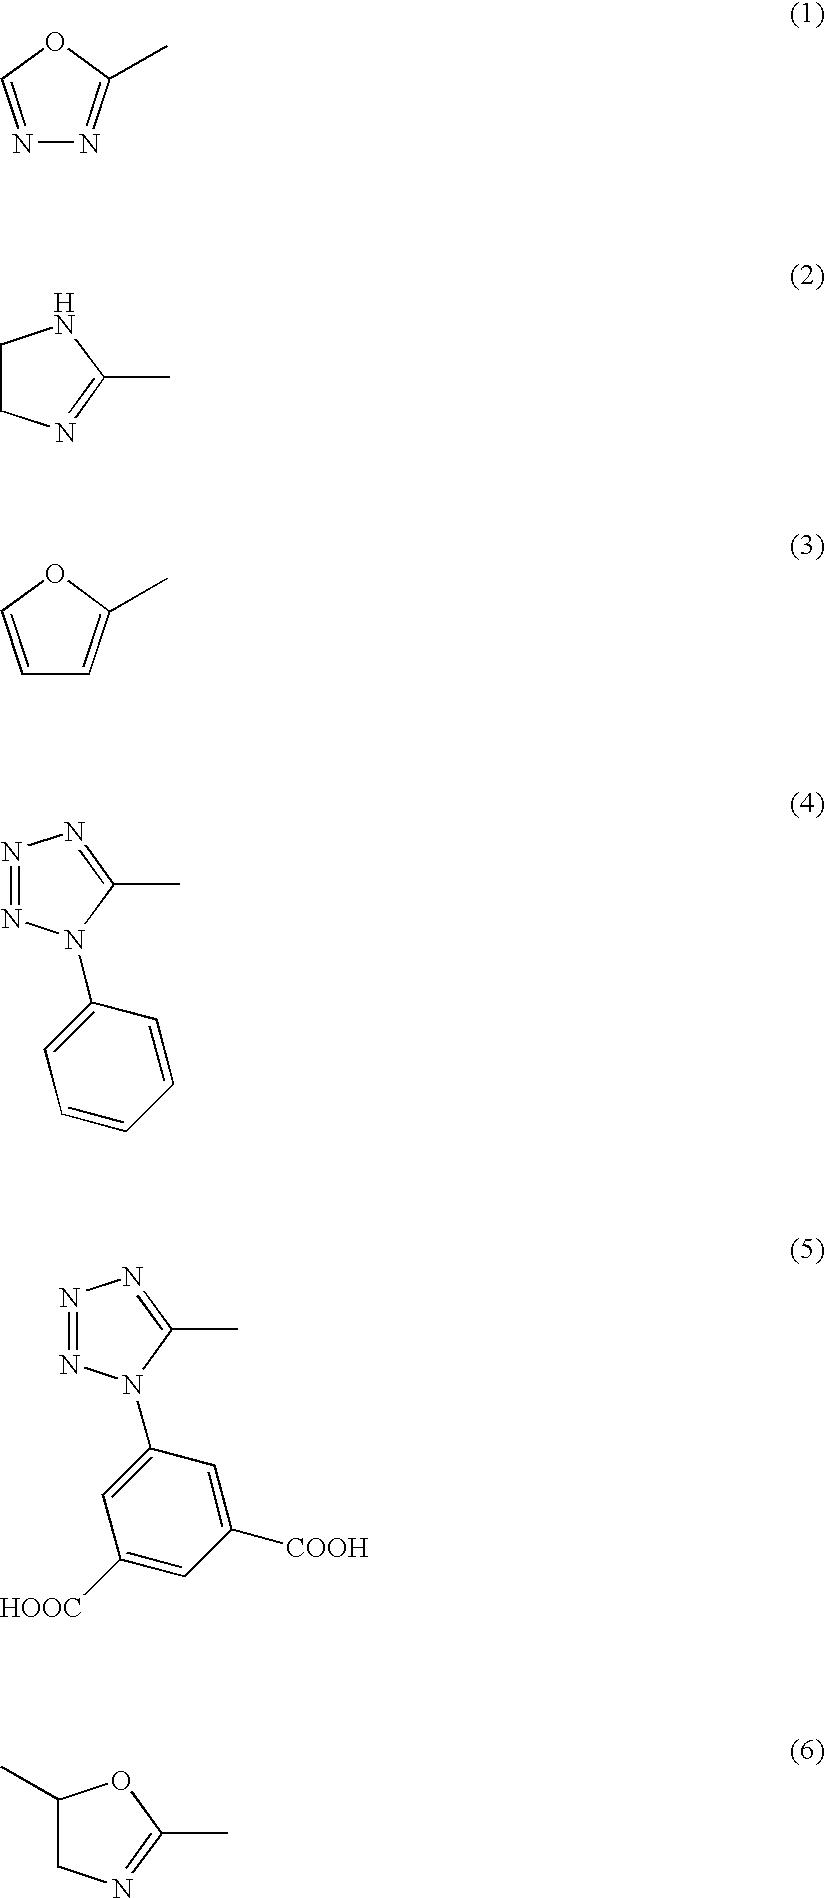 Figure US20090035342A1-20090205-C00112